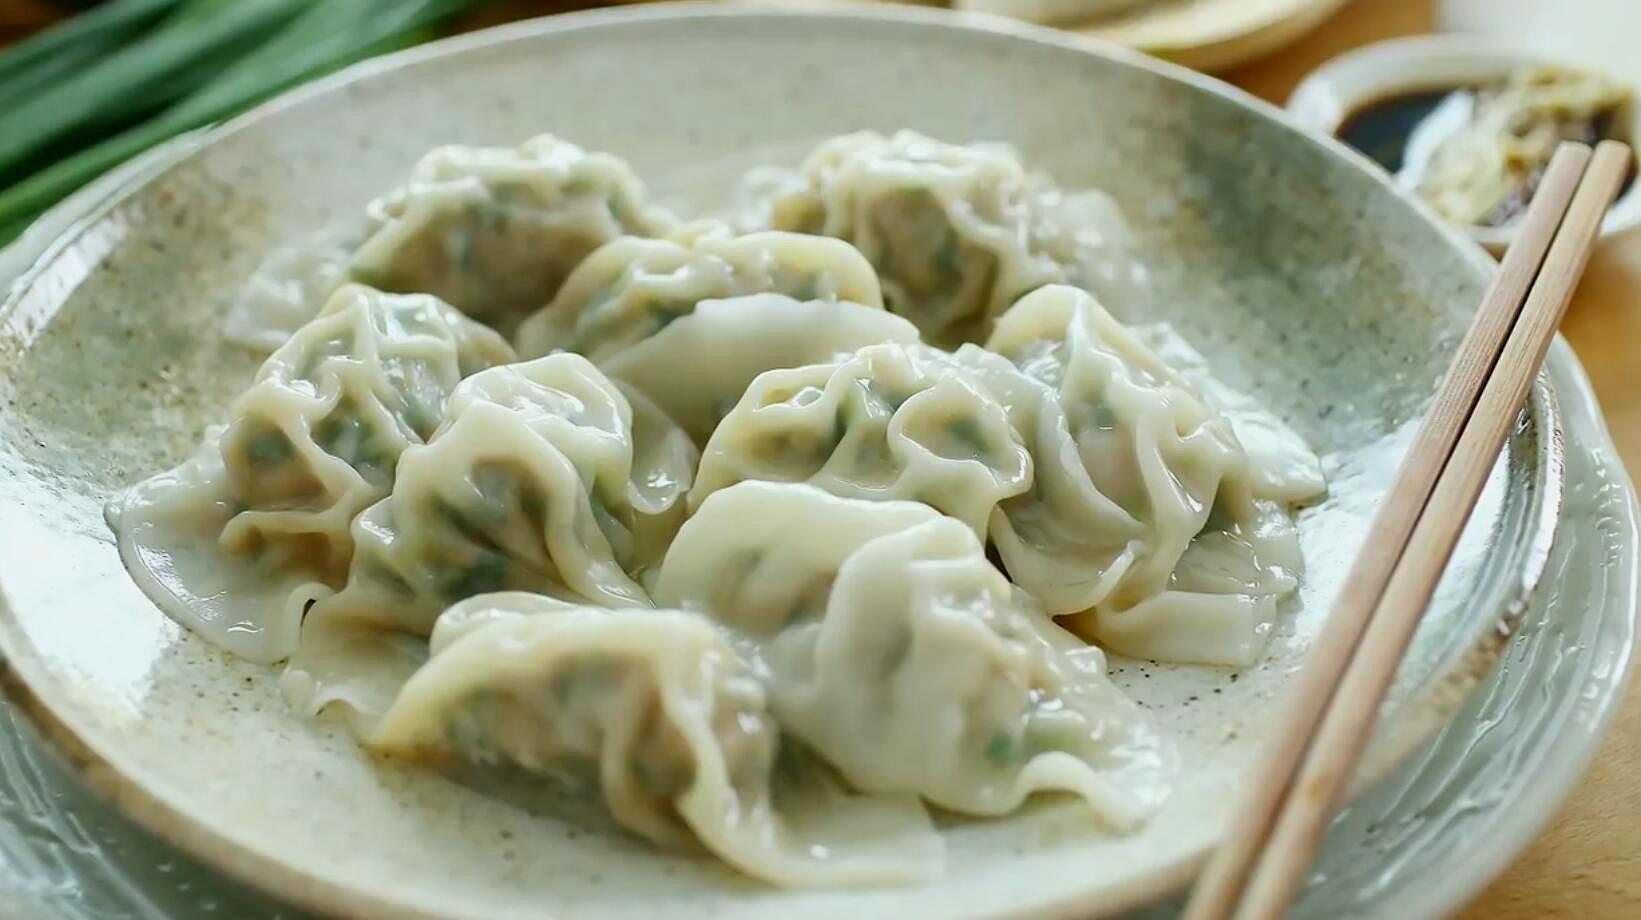 素馅饺子这样做才最好吃,吃起来比肉馅饺子还香,适合老人孩子吃